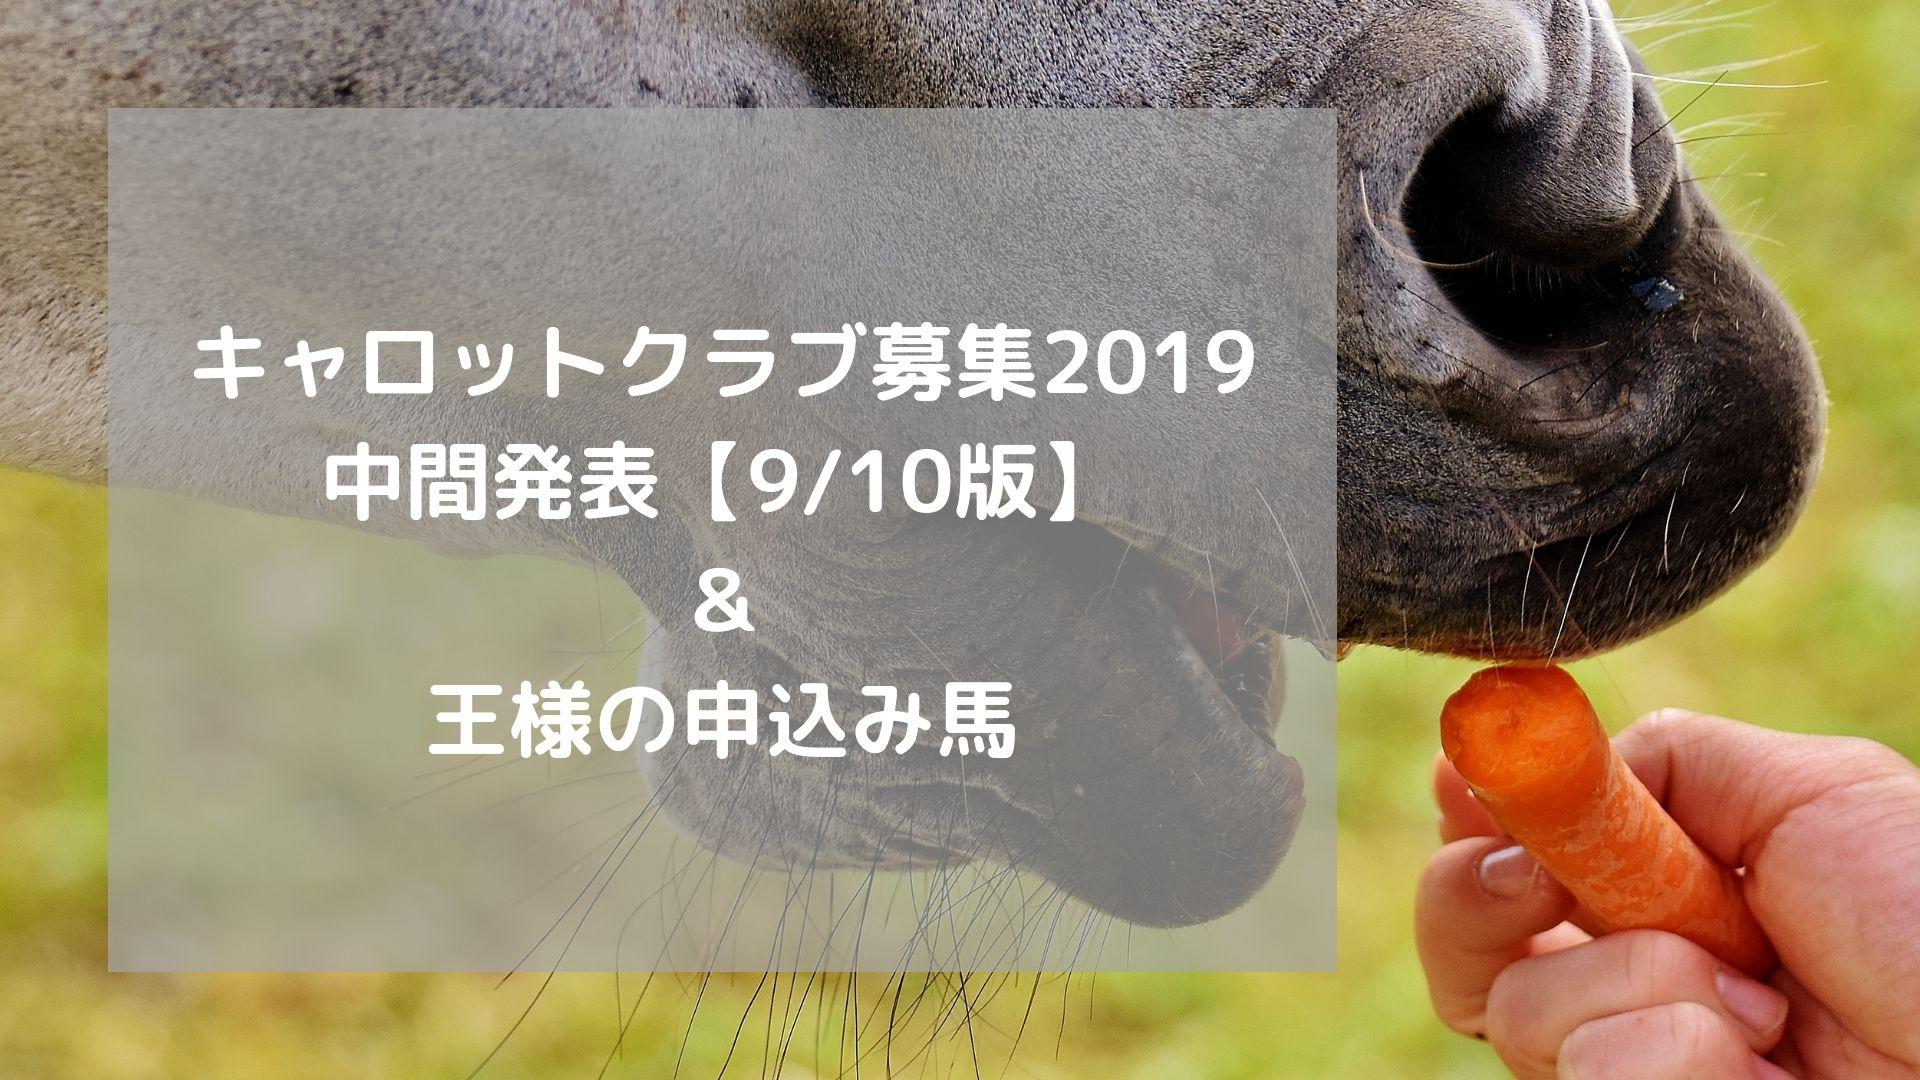 キャロ2019中間発表&王様申込み馬